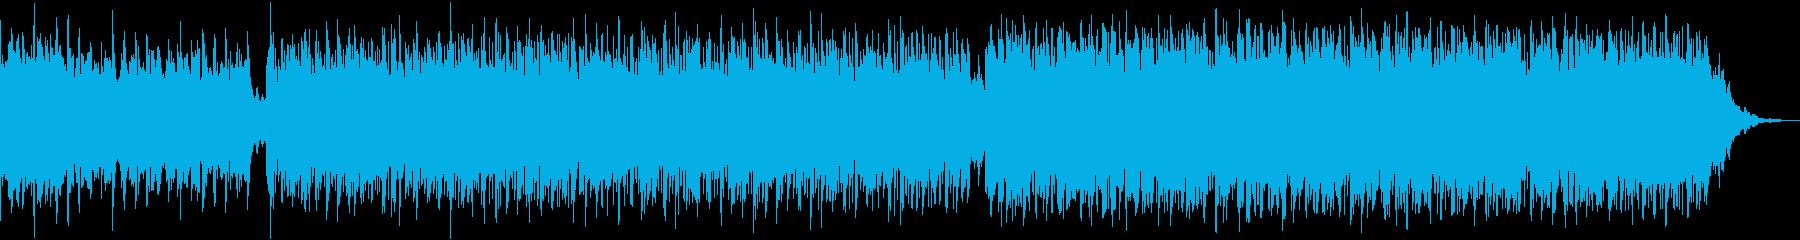 戦闘曲「善戦」1分BGMの再生済みの波形